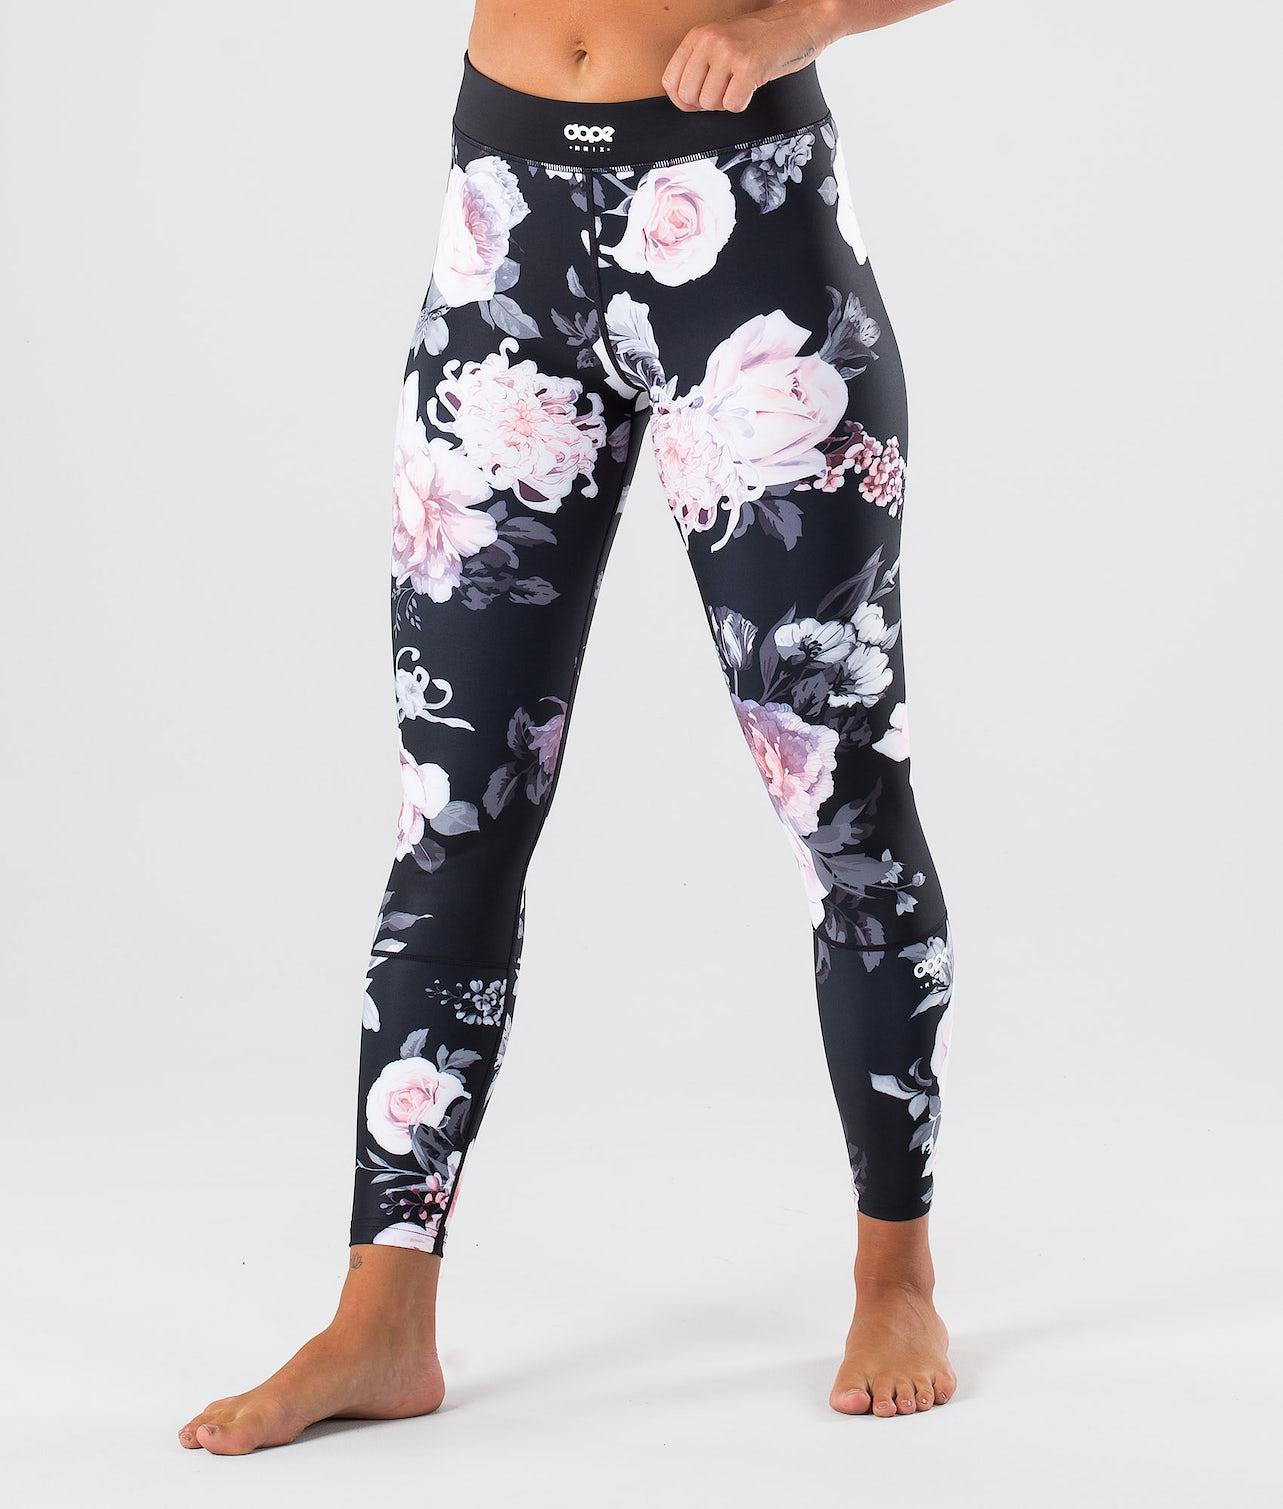 Kjøp Snuggle OG W Superundertøy bukse fra Dope på Ridestore.no - Hos oss har du alltid fri frakt, fri retur og 30 dagers åpent kjøp!